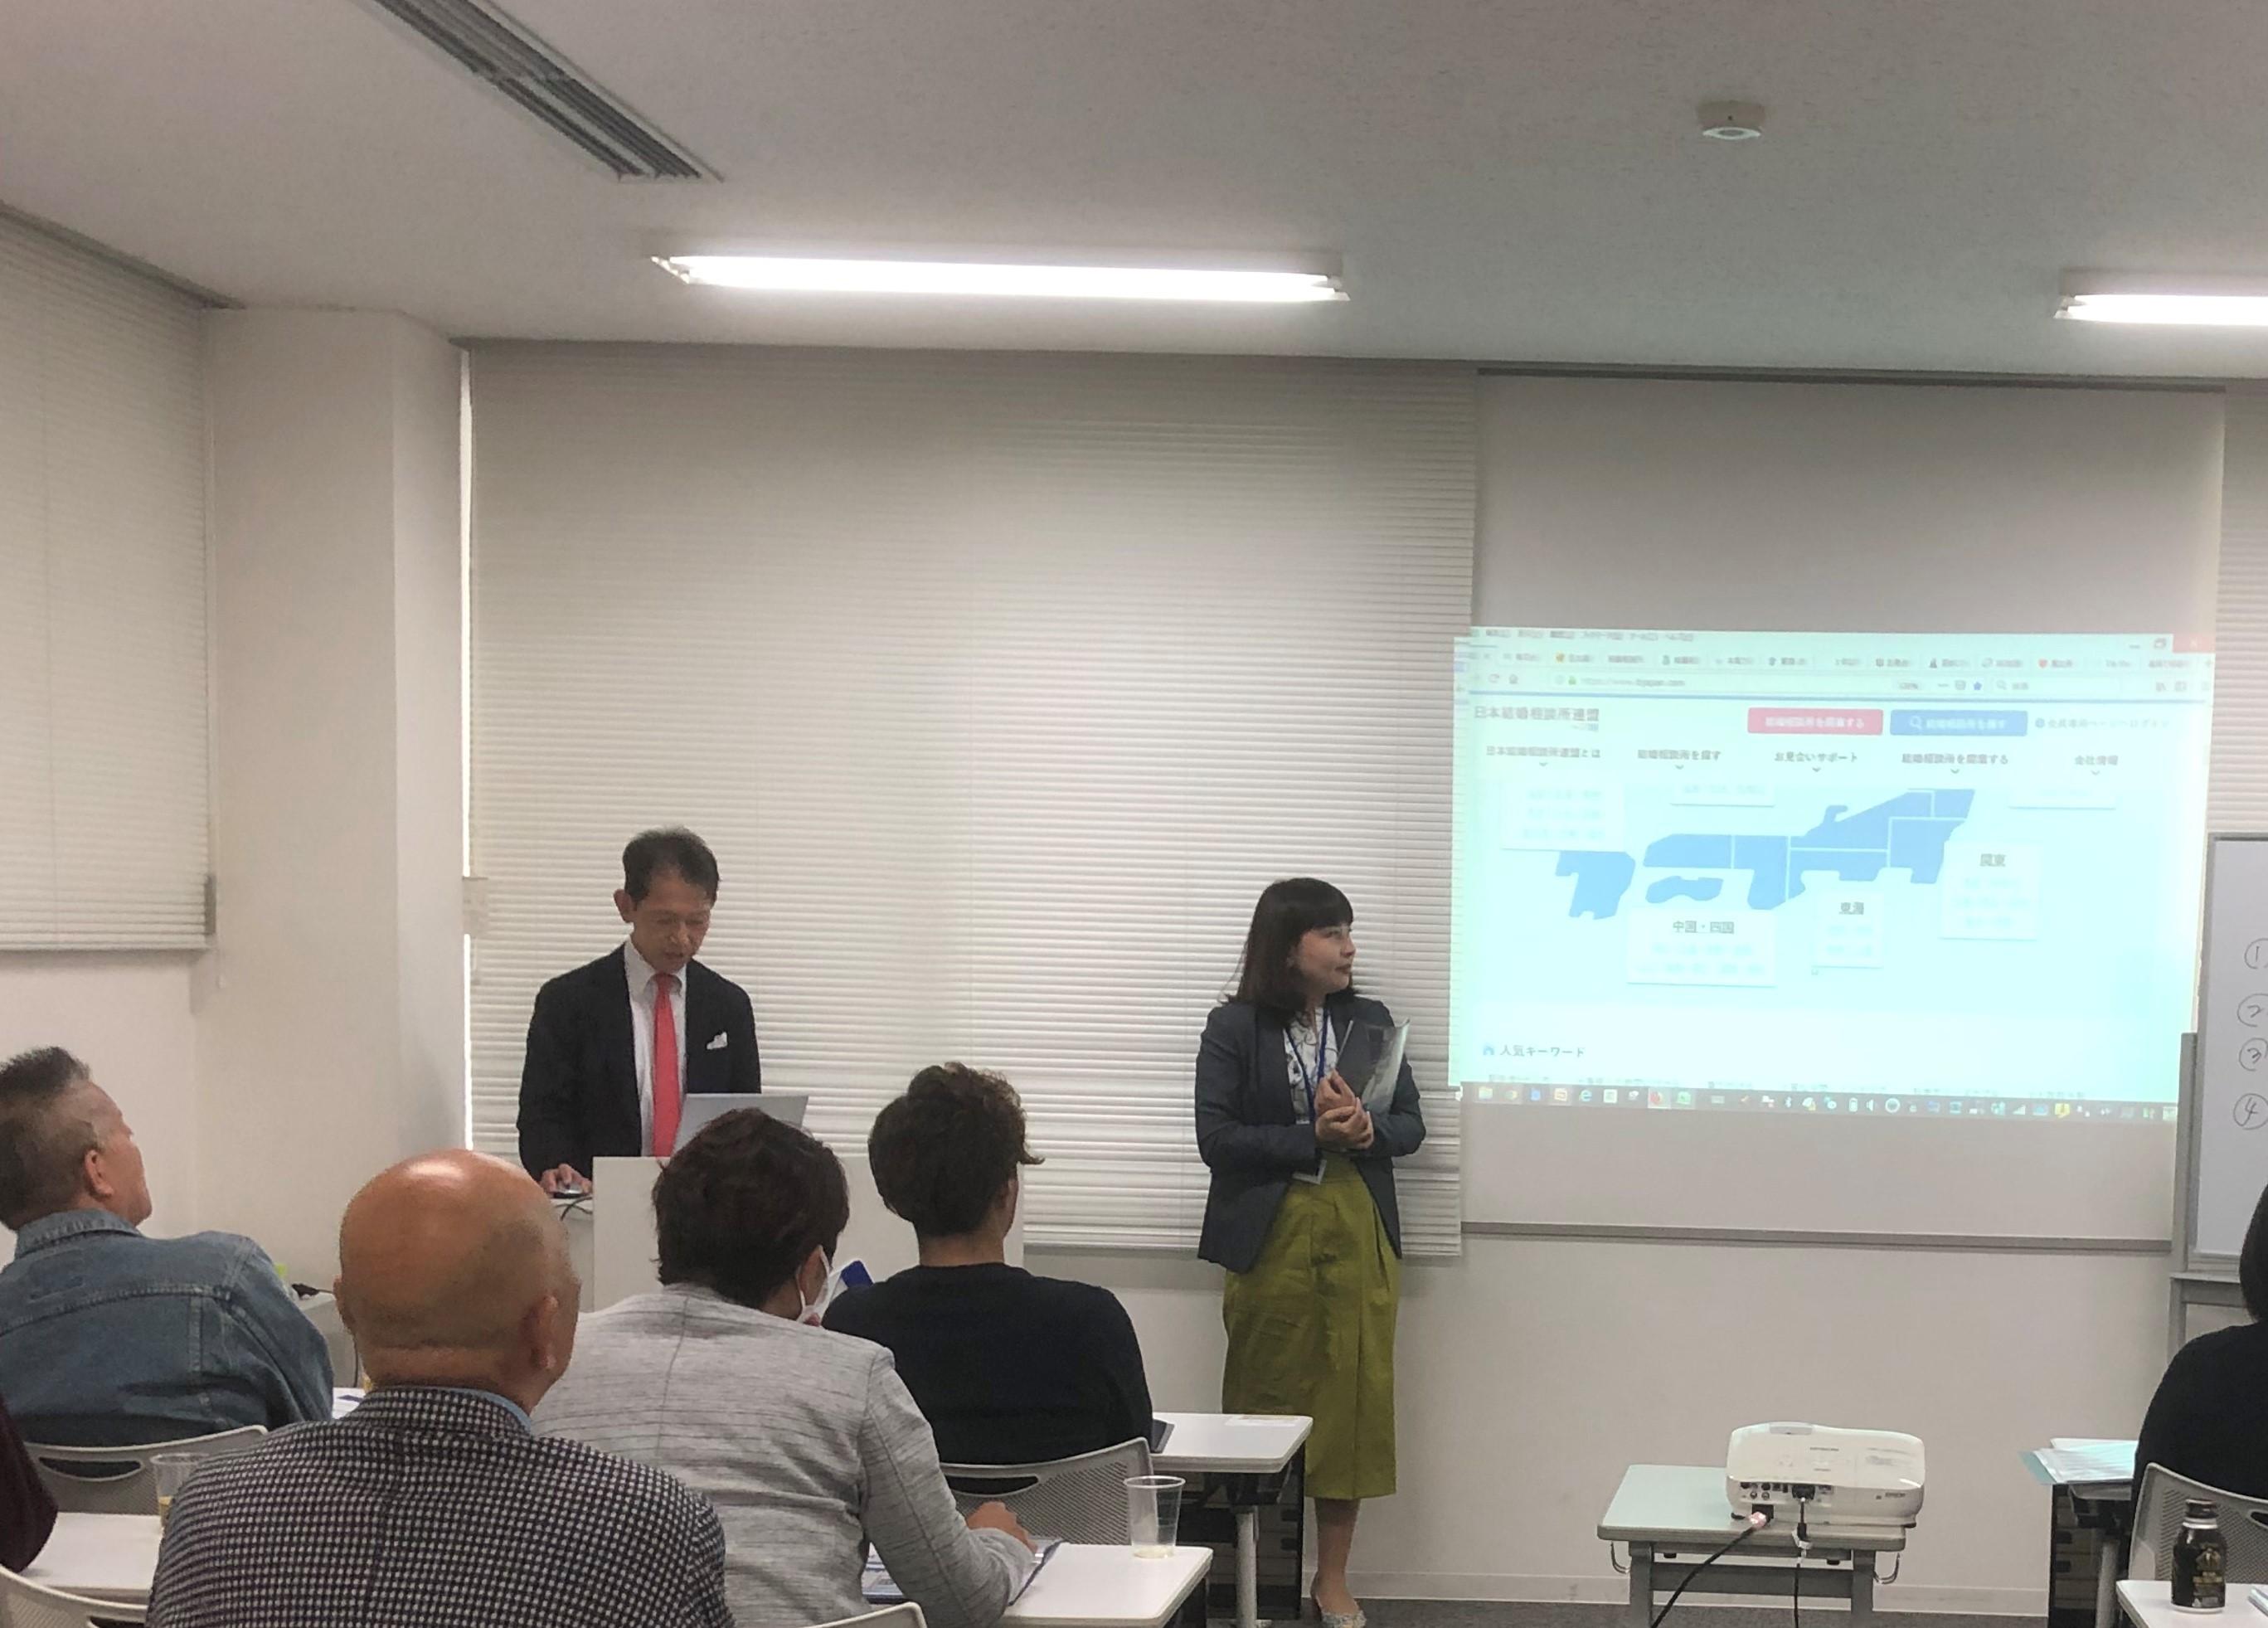 結婚相談所開業希望者の方へ☆2019年6月6日(木)IBJ開業検討者向けセミナー